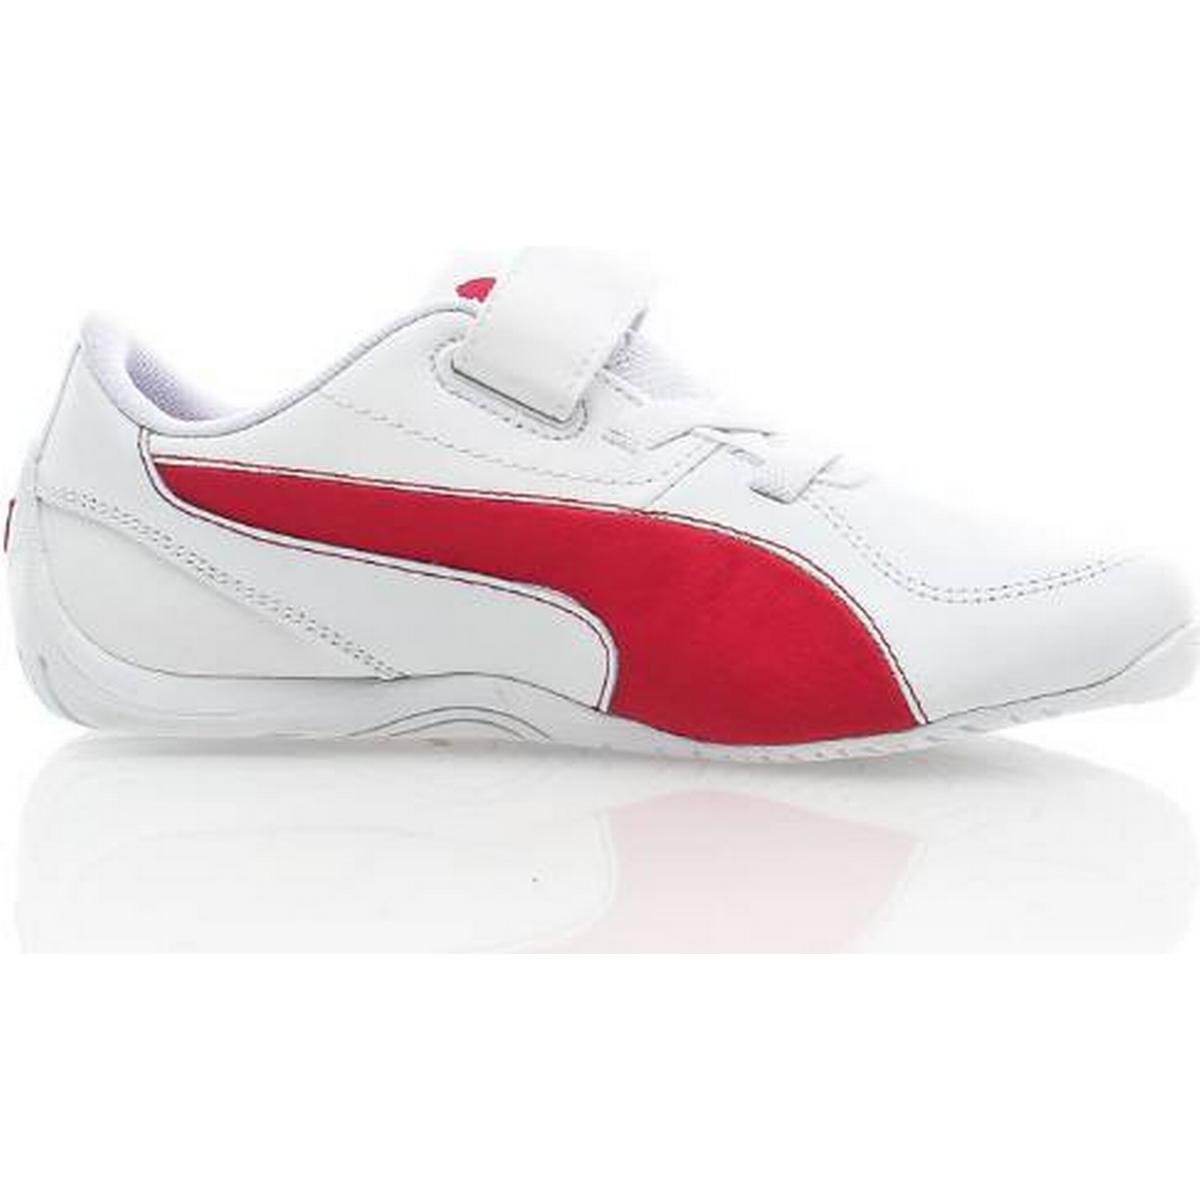 Puma Sneakers Børnesko Sammenlign priser hos PriceRunner